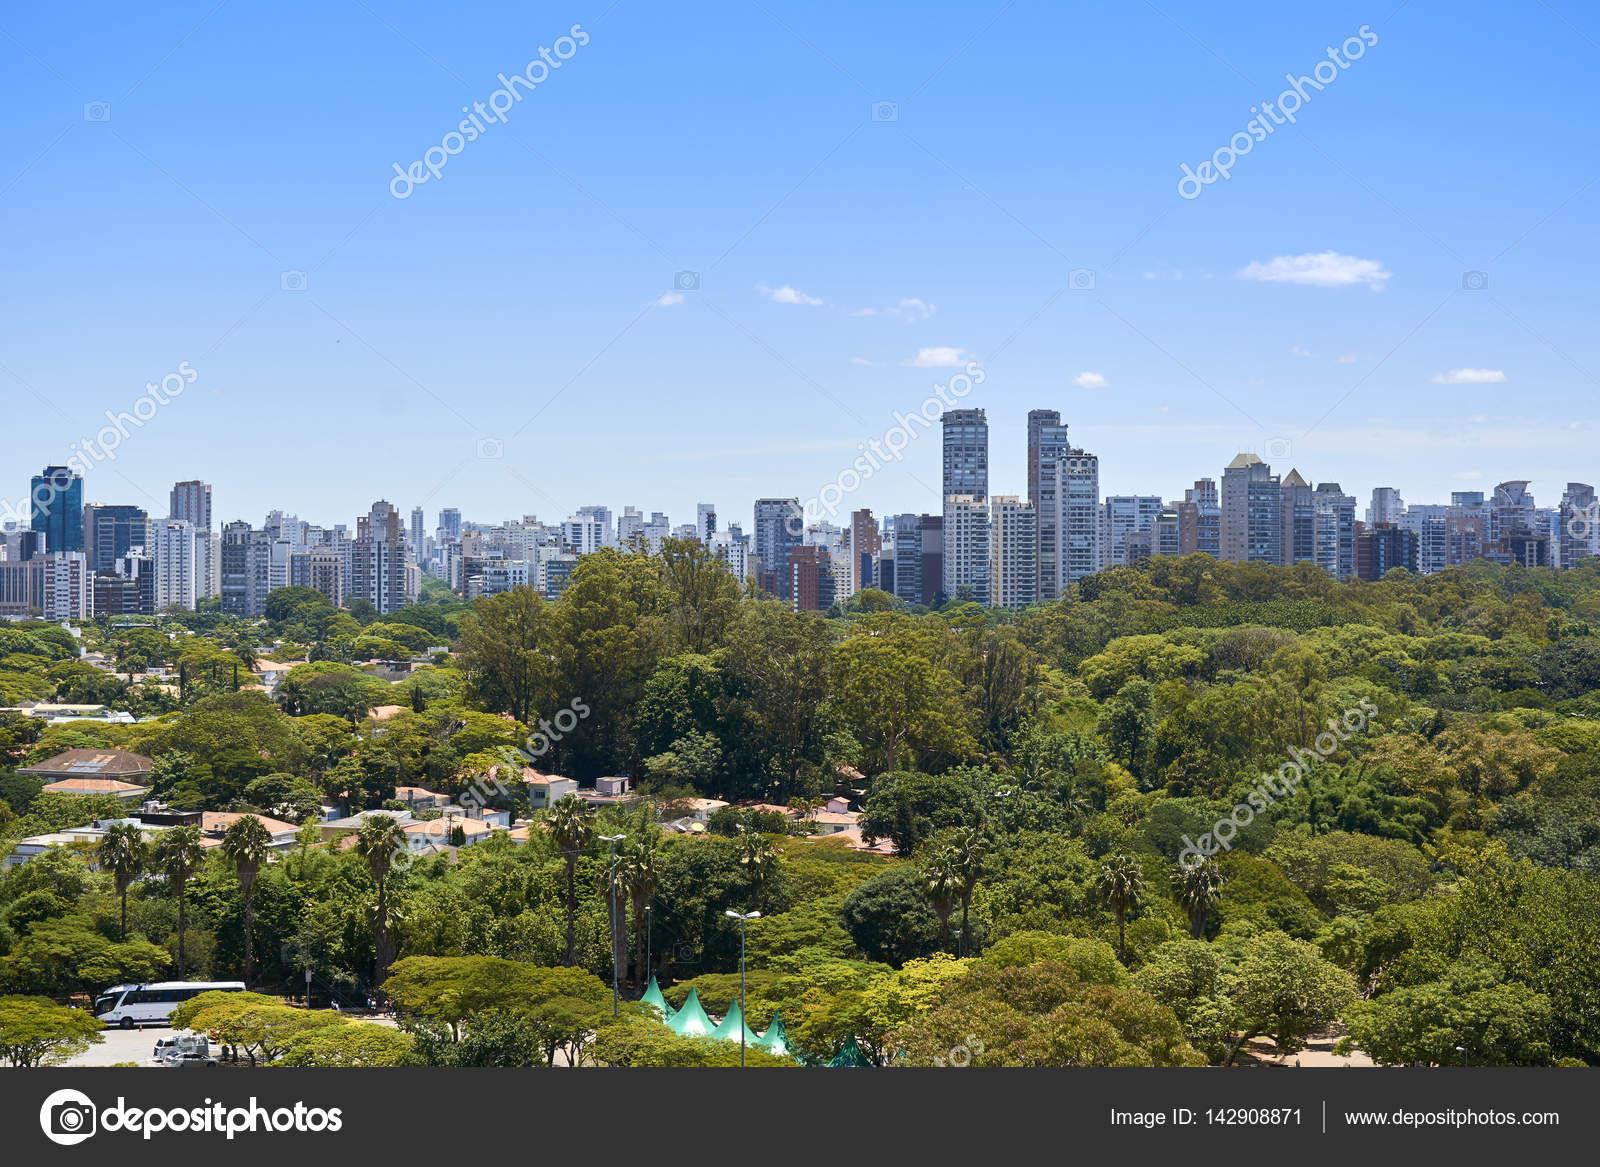 850fbd7c1c Weergave van huizen en gebouwen naast het Ibirapuera-Park in de stad Sao  Paulo